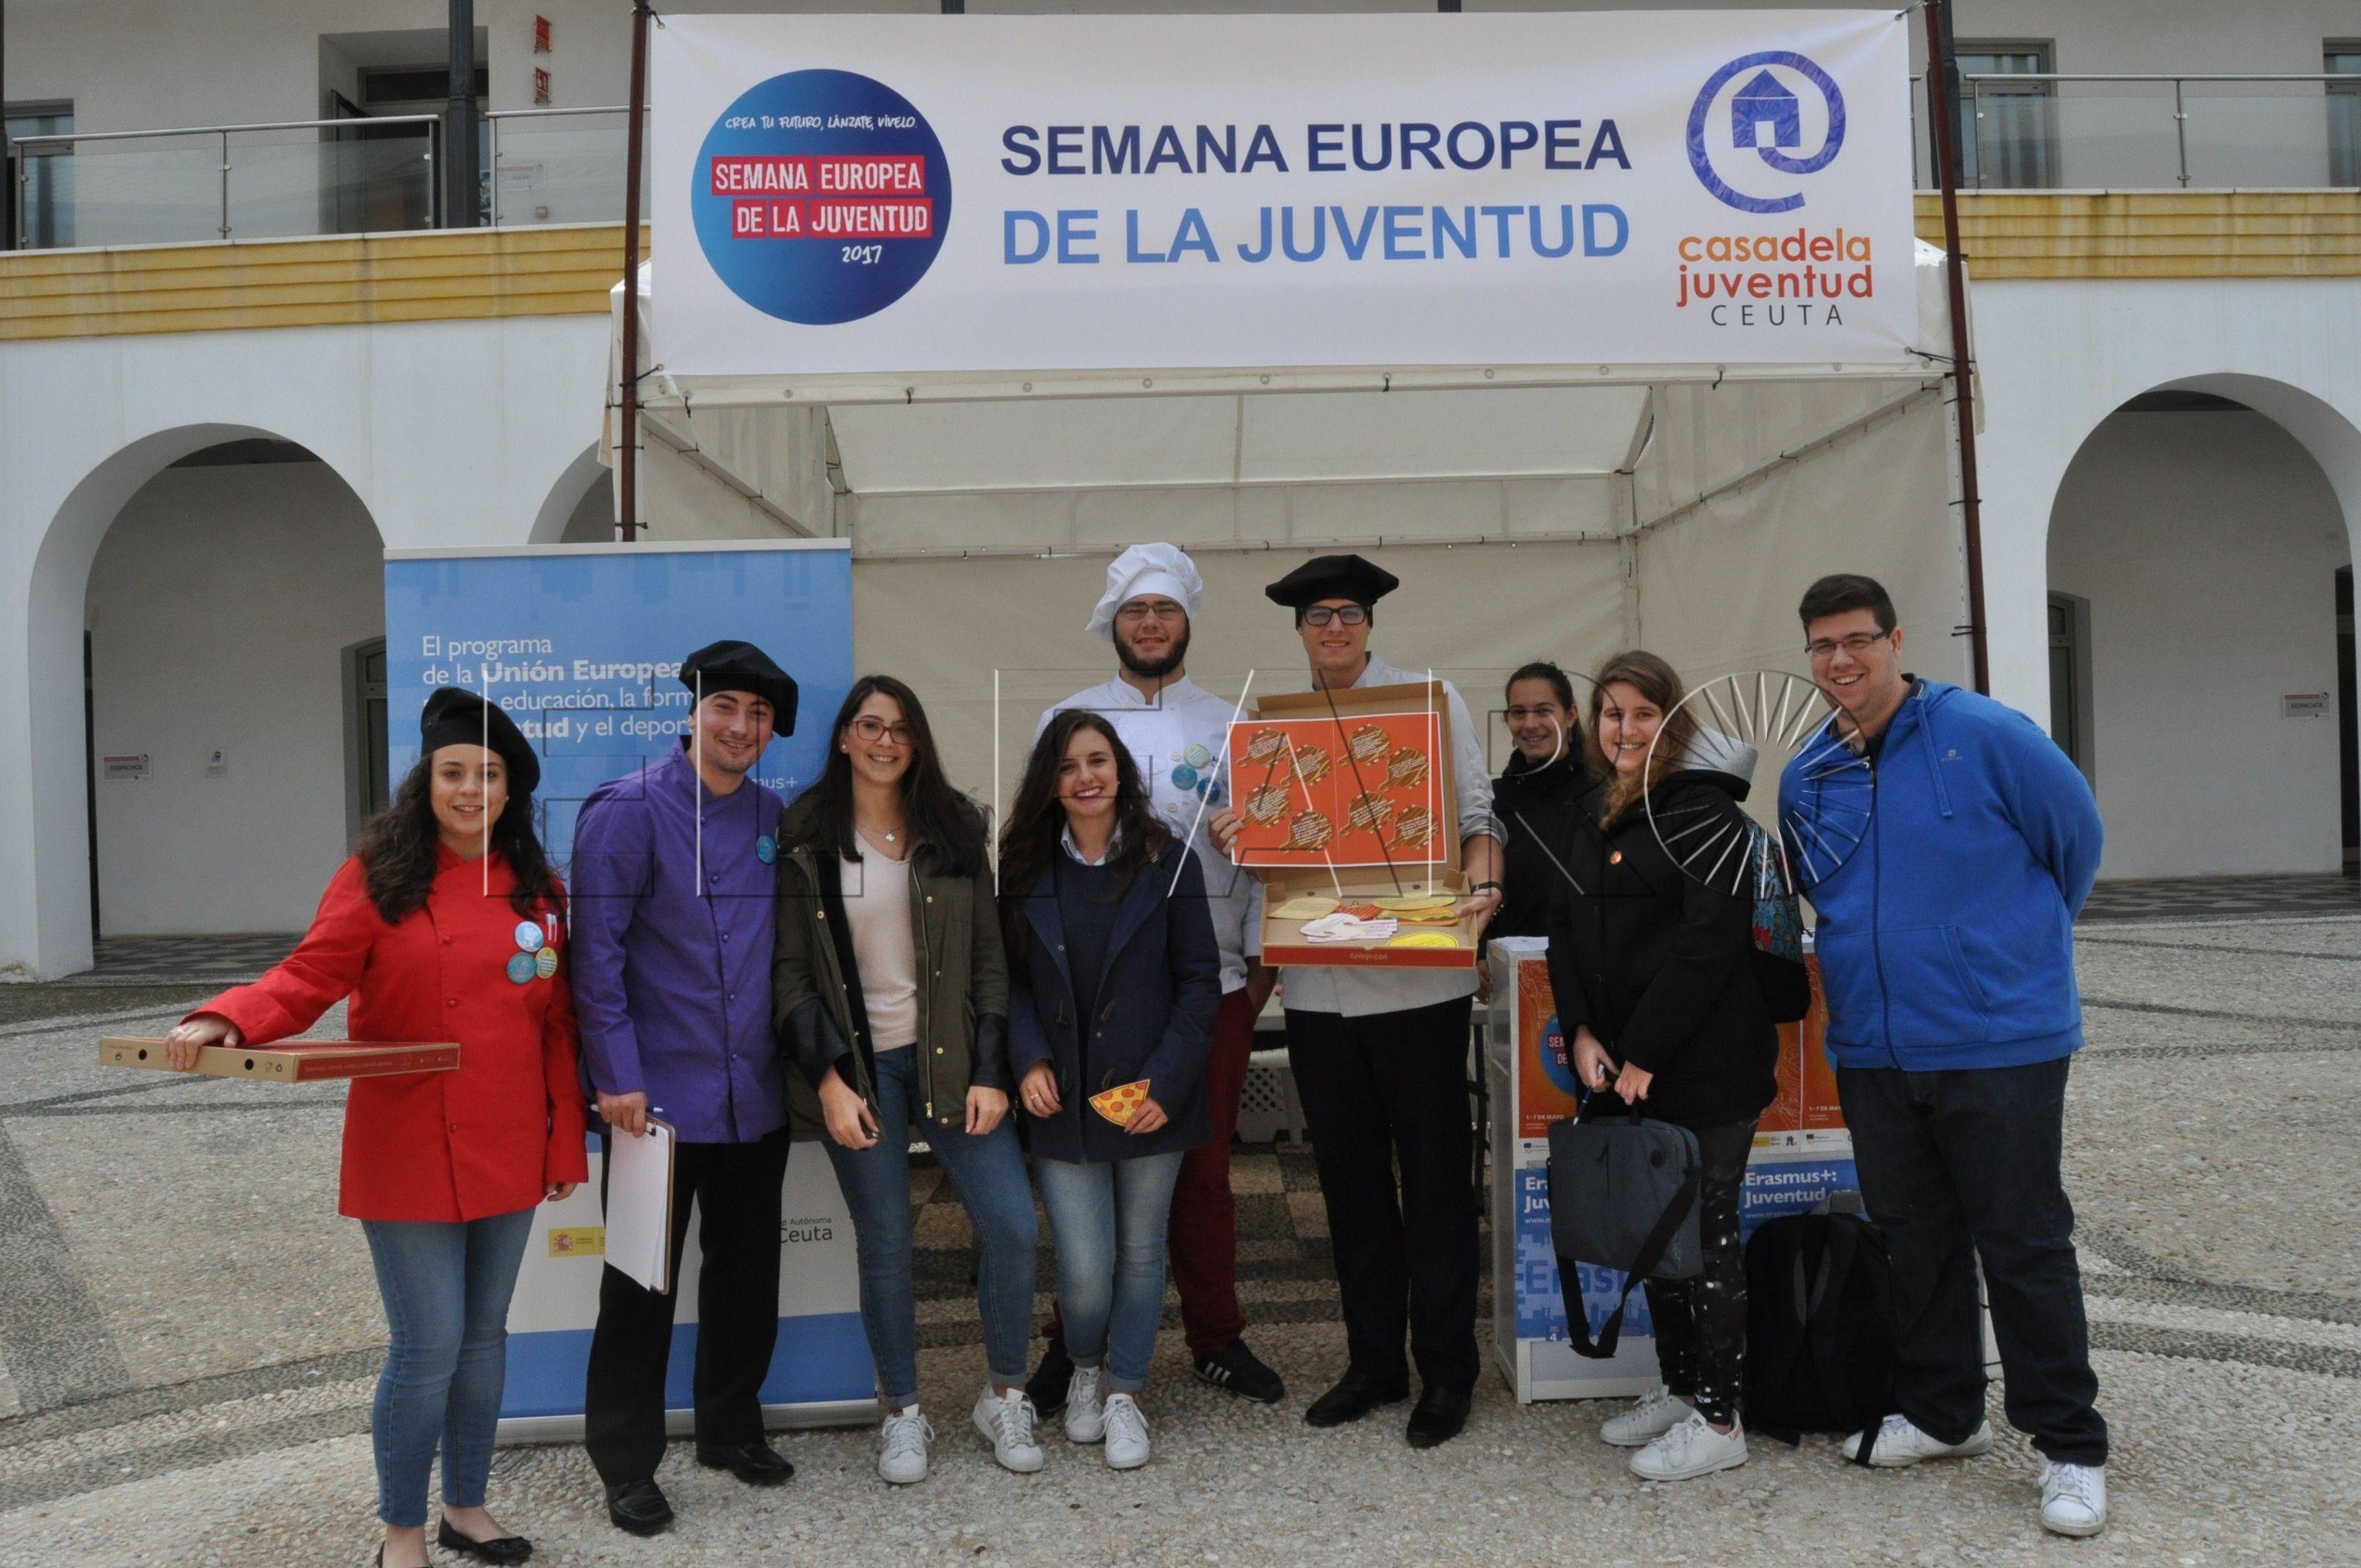 Los ingredientes de Erasmus +